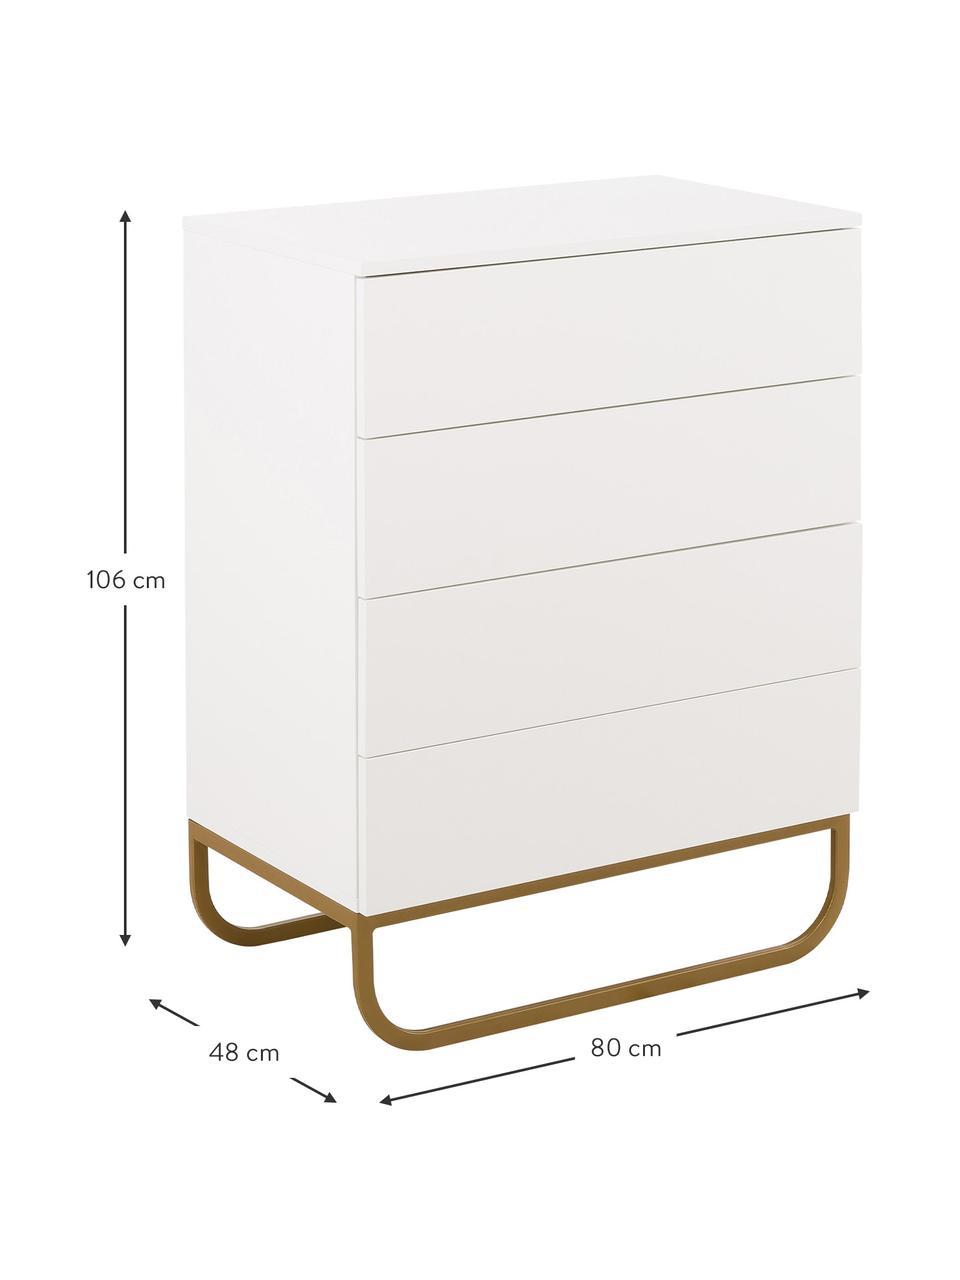 Schubladenkommode Sanford in Weiß, Korpus: Mitteldichte Holzfaserpla, Fußgestell: Metall, pulverbeschichtet, Weiß, Goldfarben, 80 x 106 cm